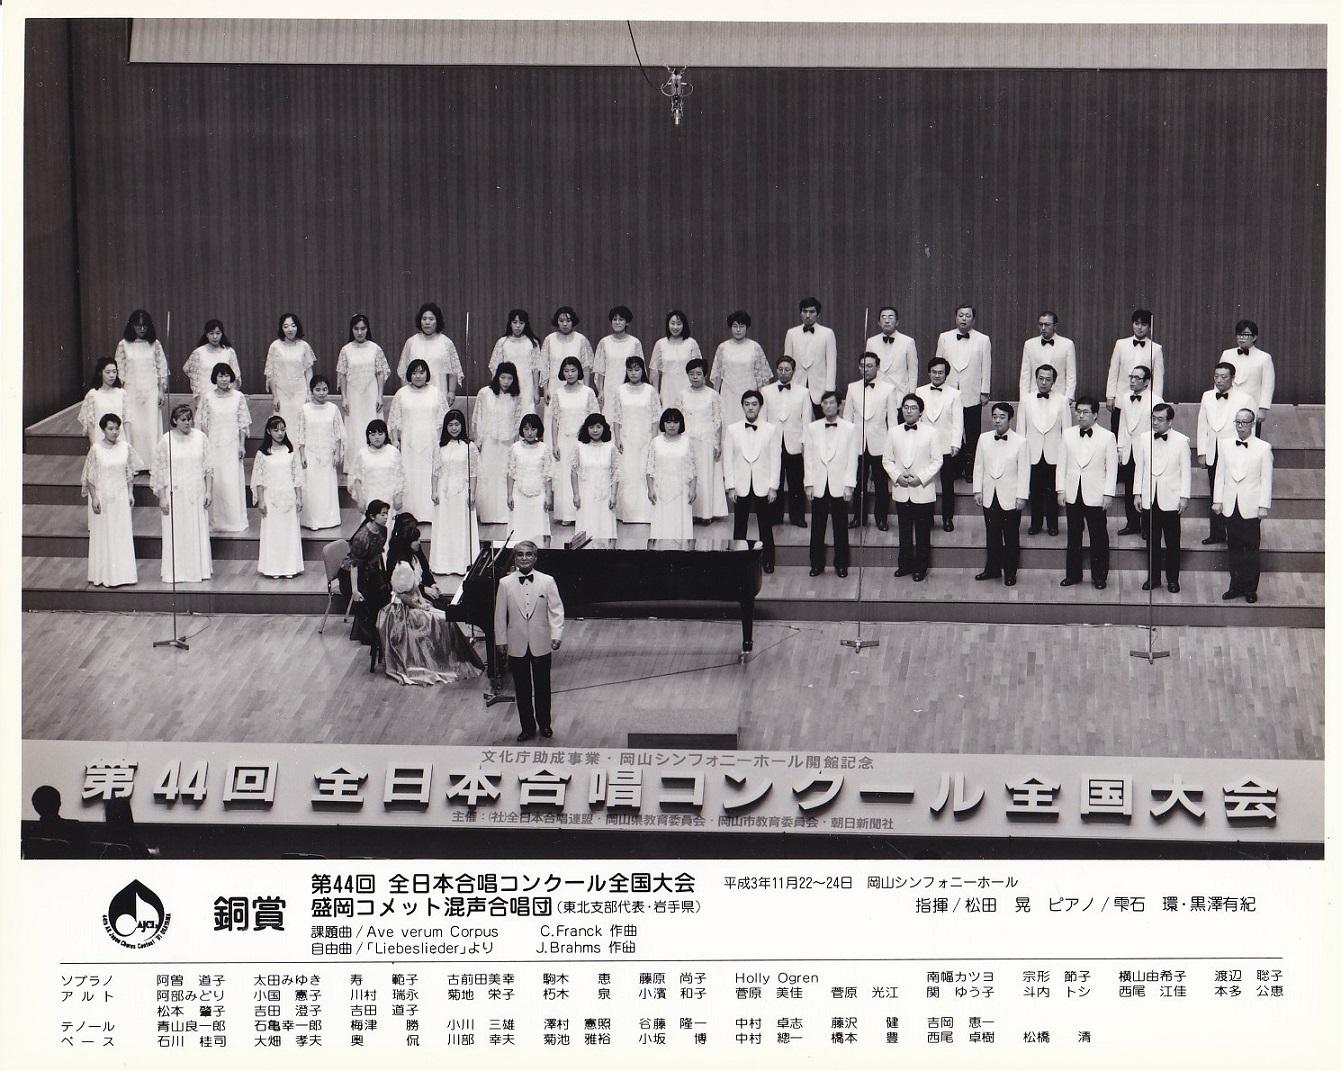 第44回全日本合唱コンクール_c0125004_17022744.jpg